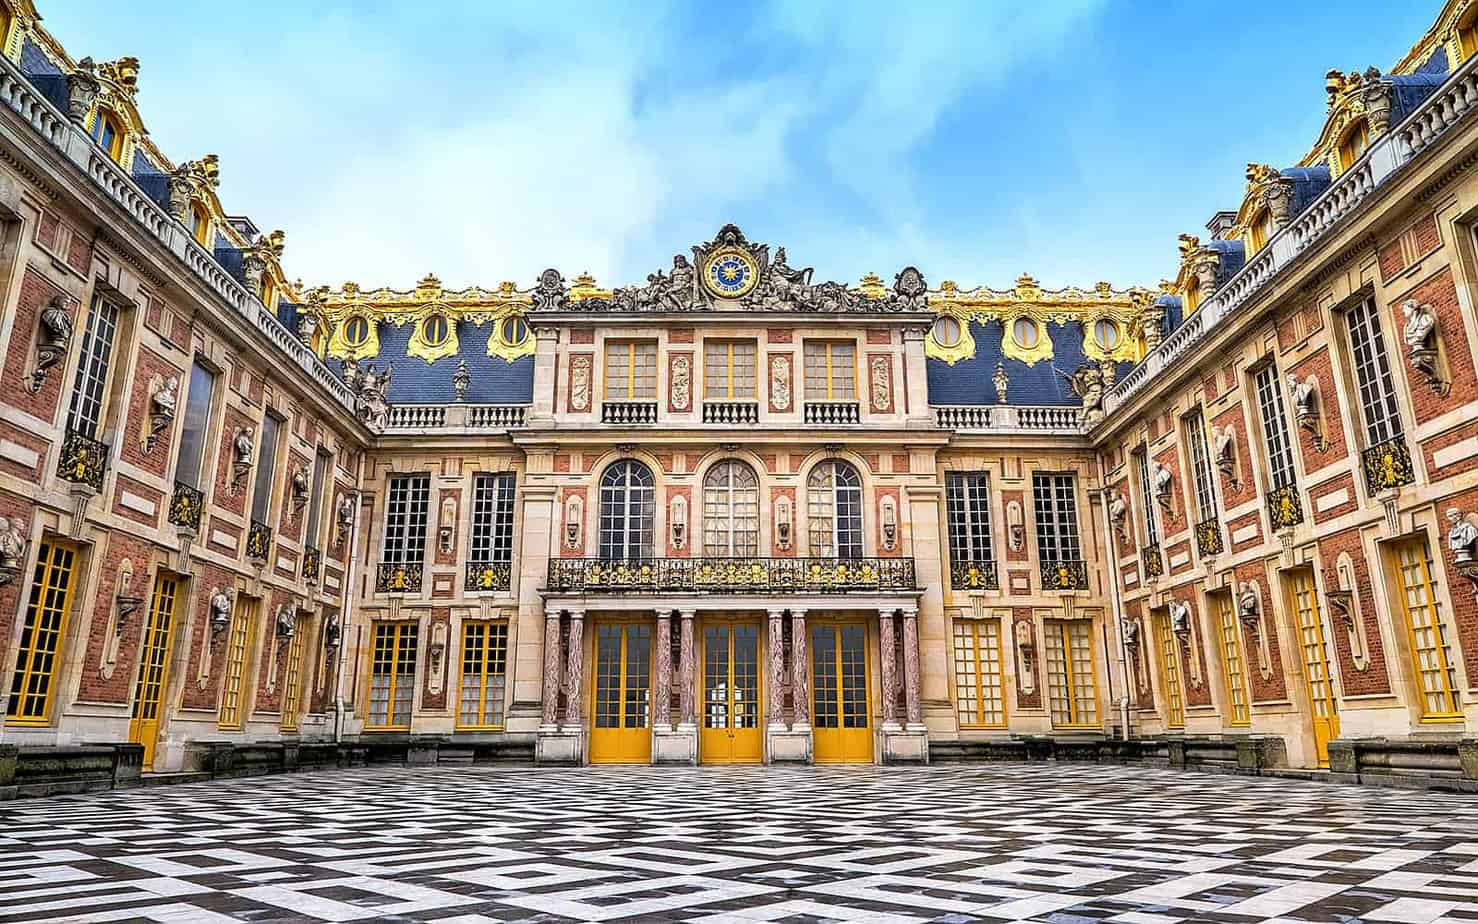 معلومات عن قصر فرساي أشهر القصور الأوروبية